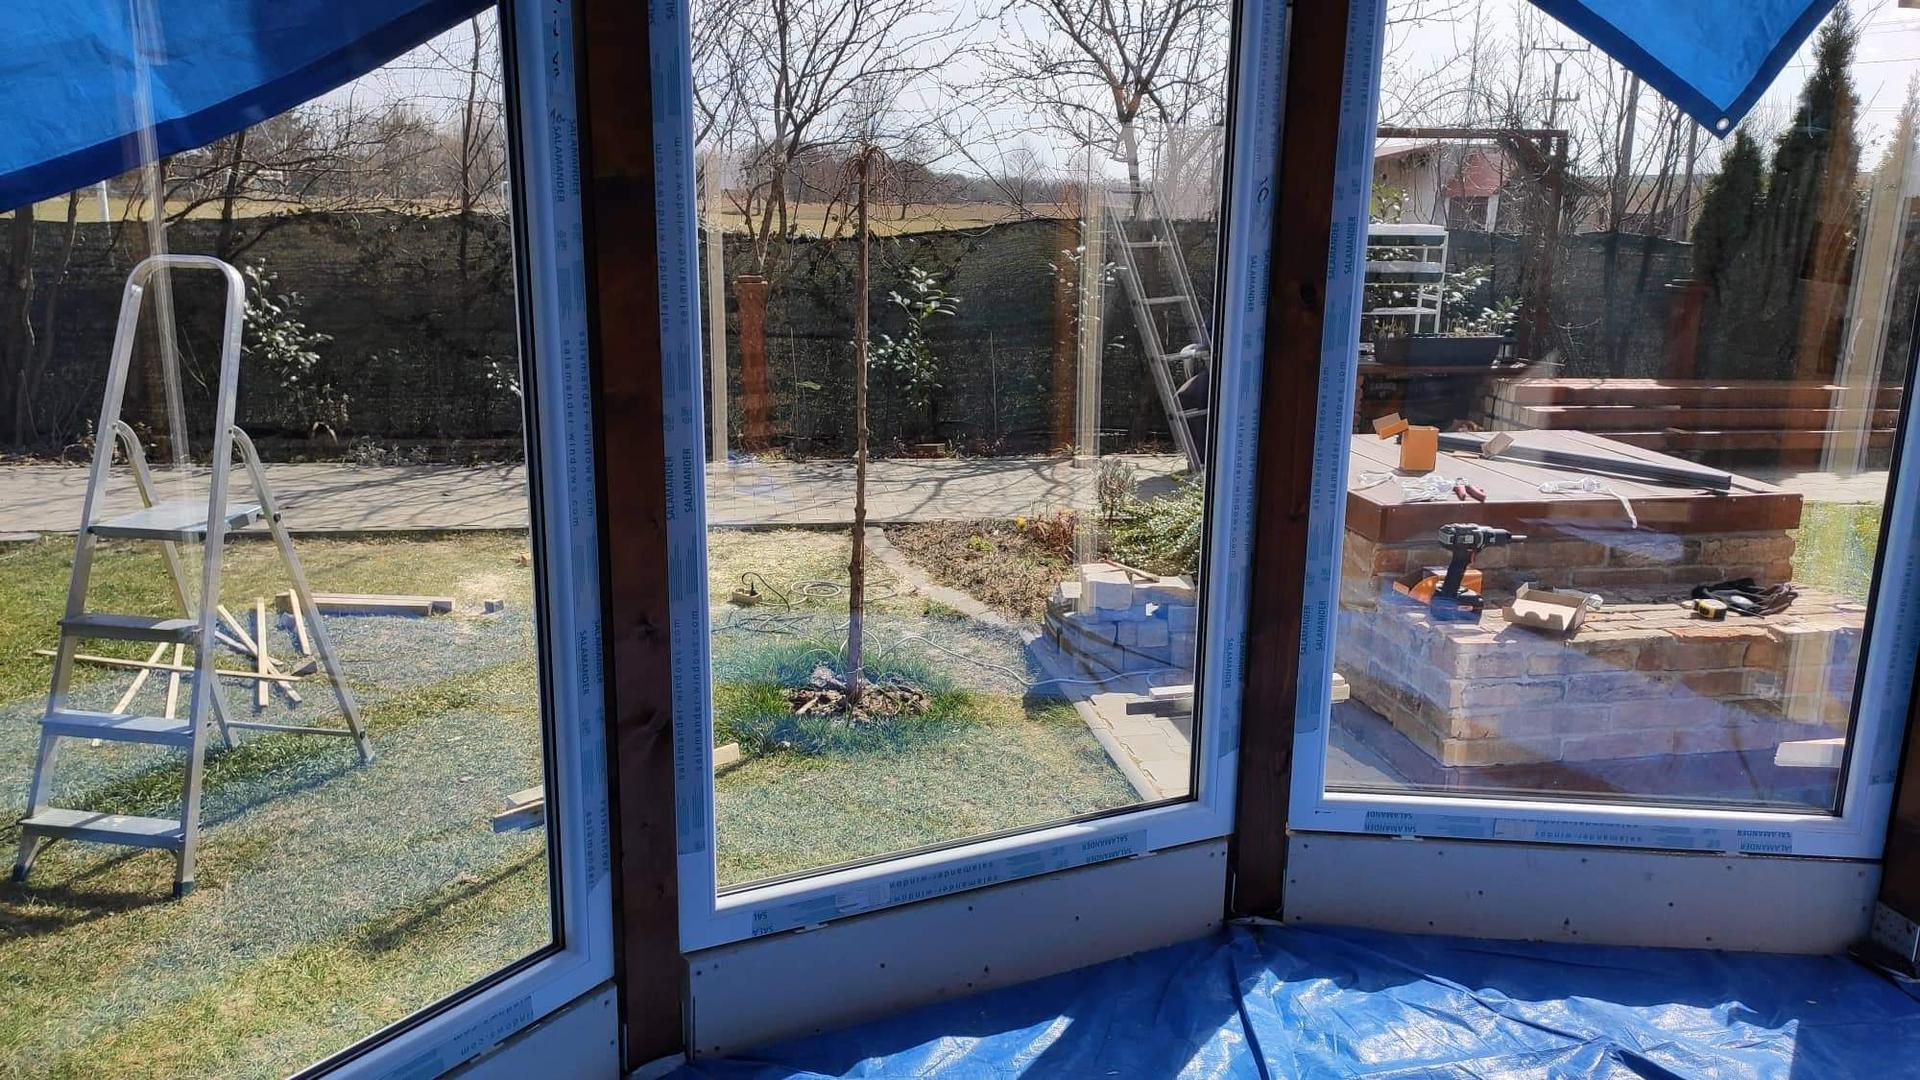 Relaxačný domček sauna a oddychová miestnosť ... plány, príprava a realizácia - Obrázok č. 85